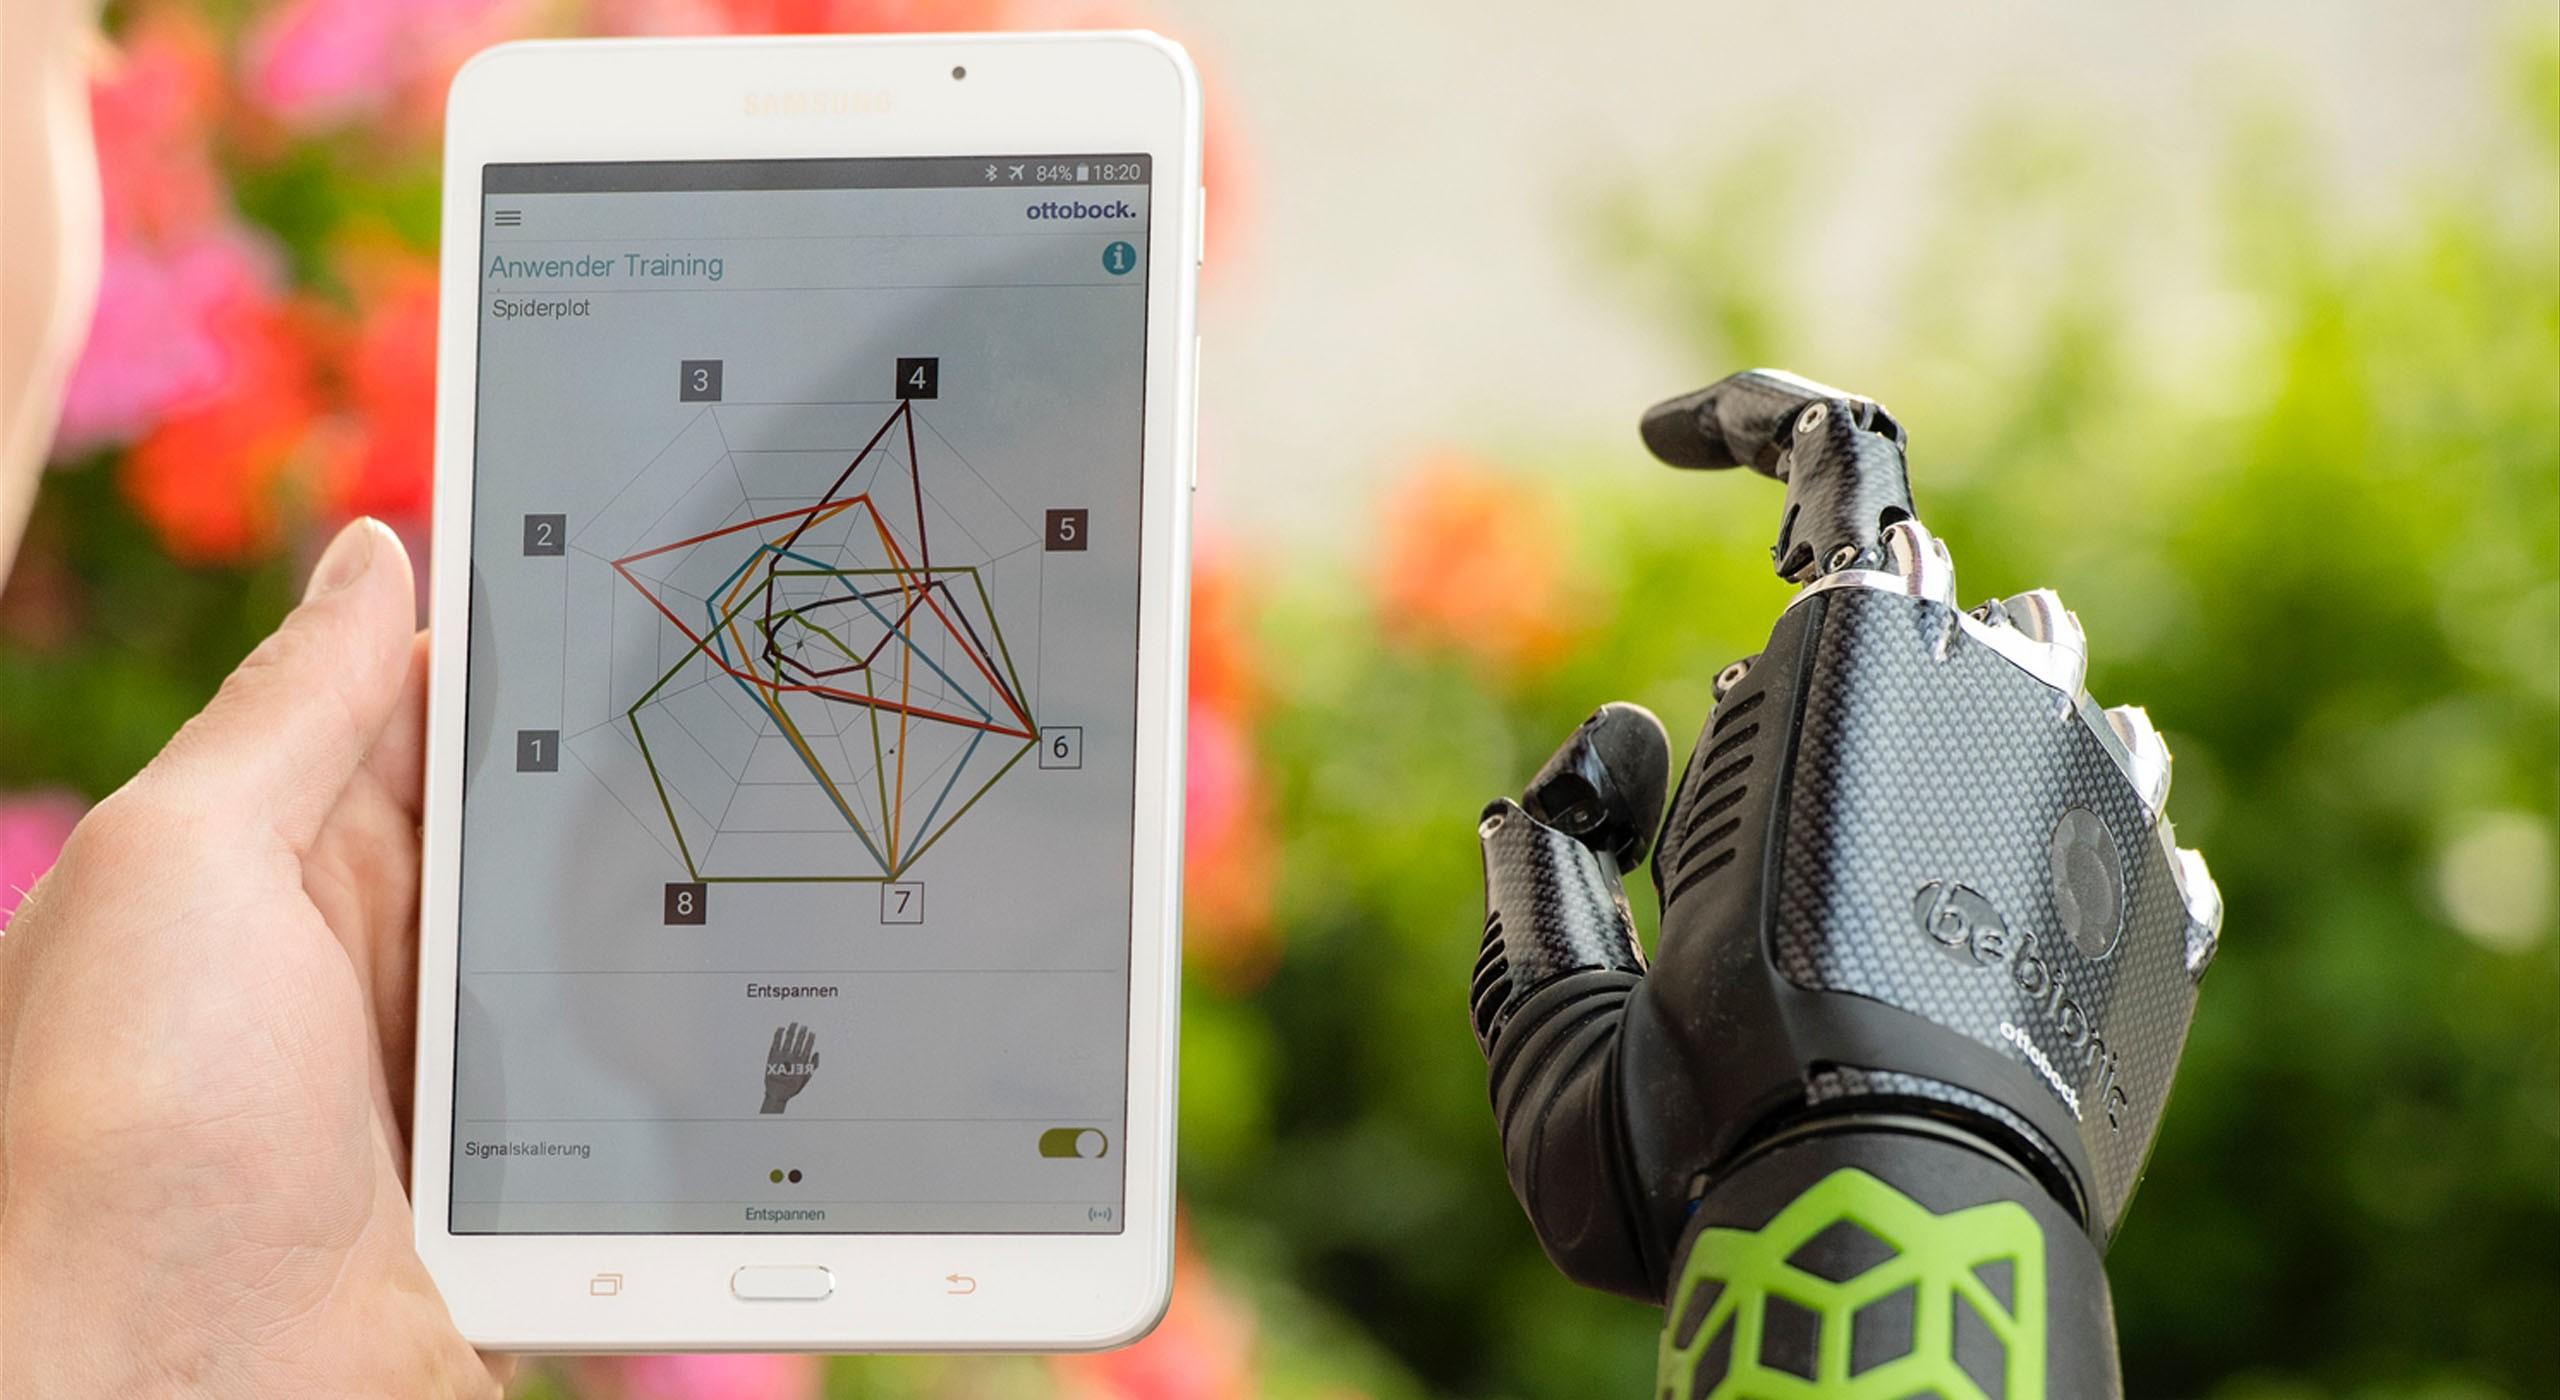 MySkinMyo - Bewegungssteuerung per App, Tablet und Hand